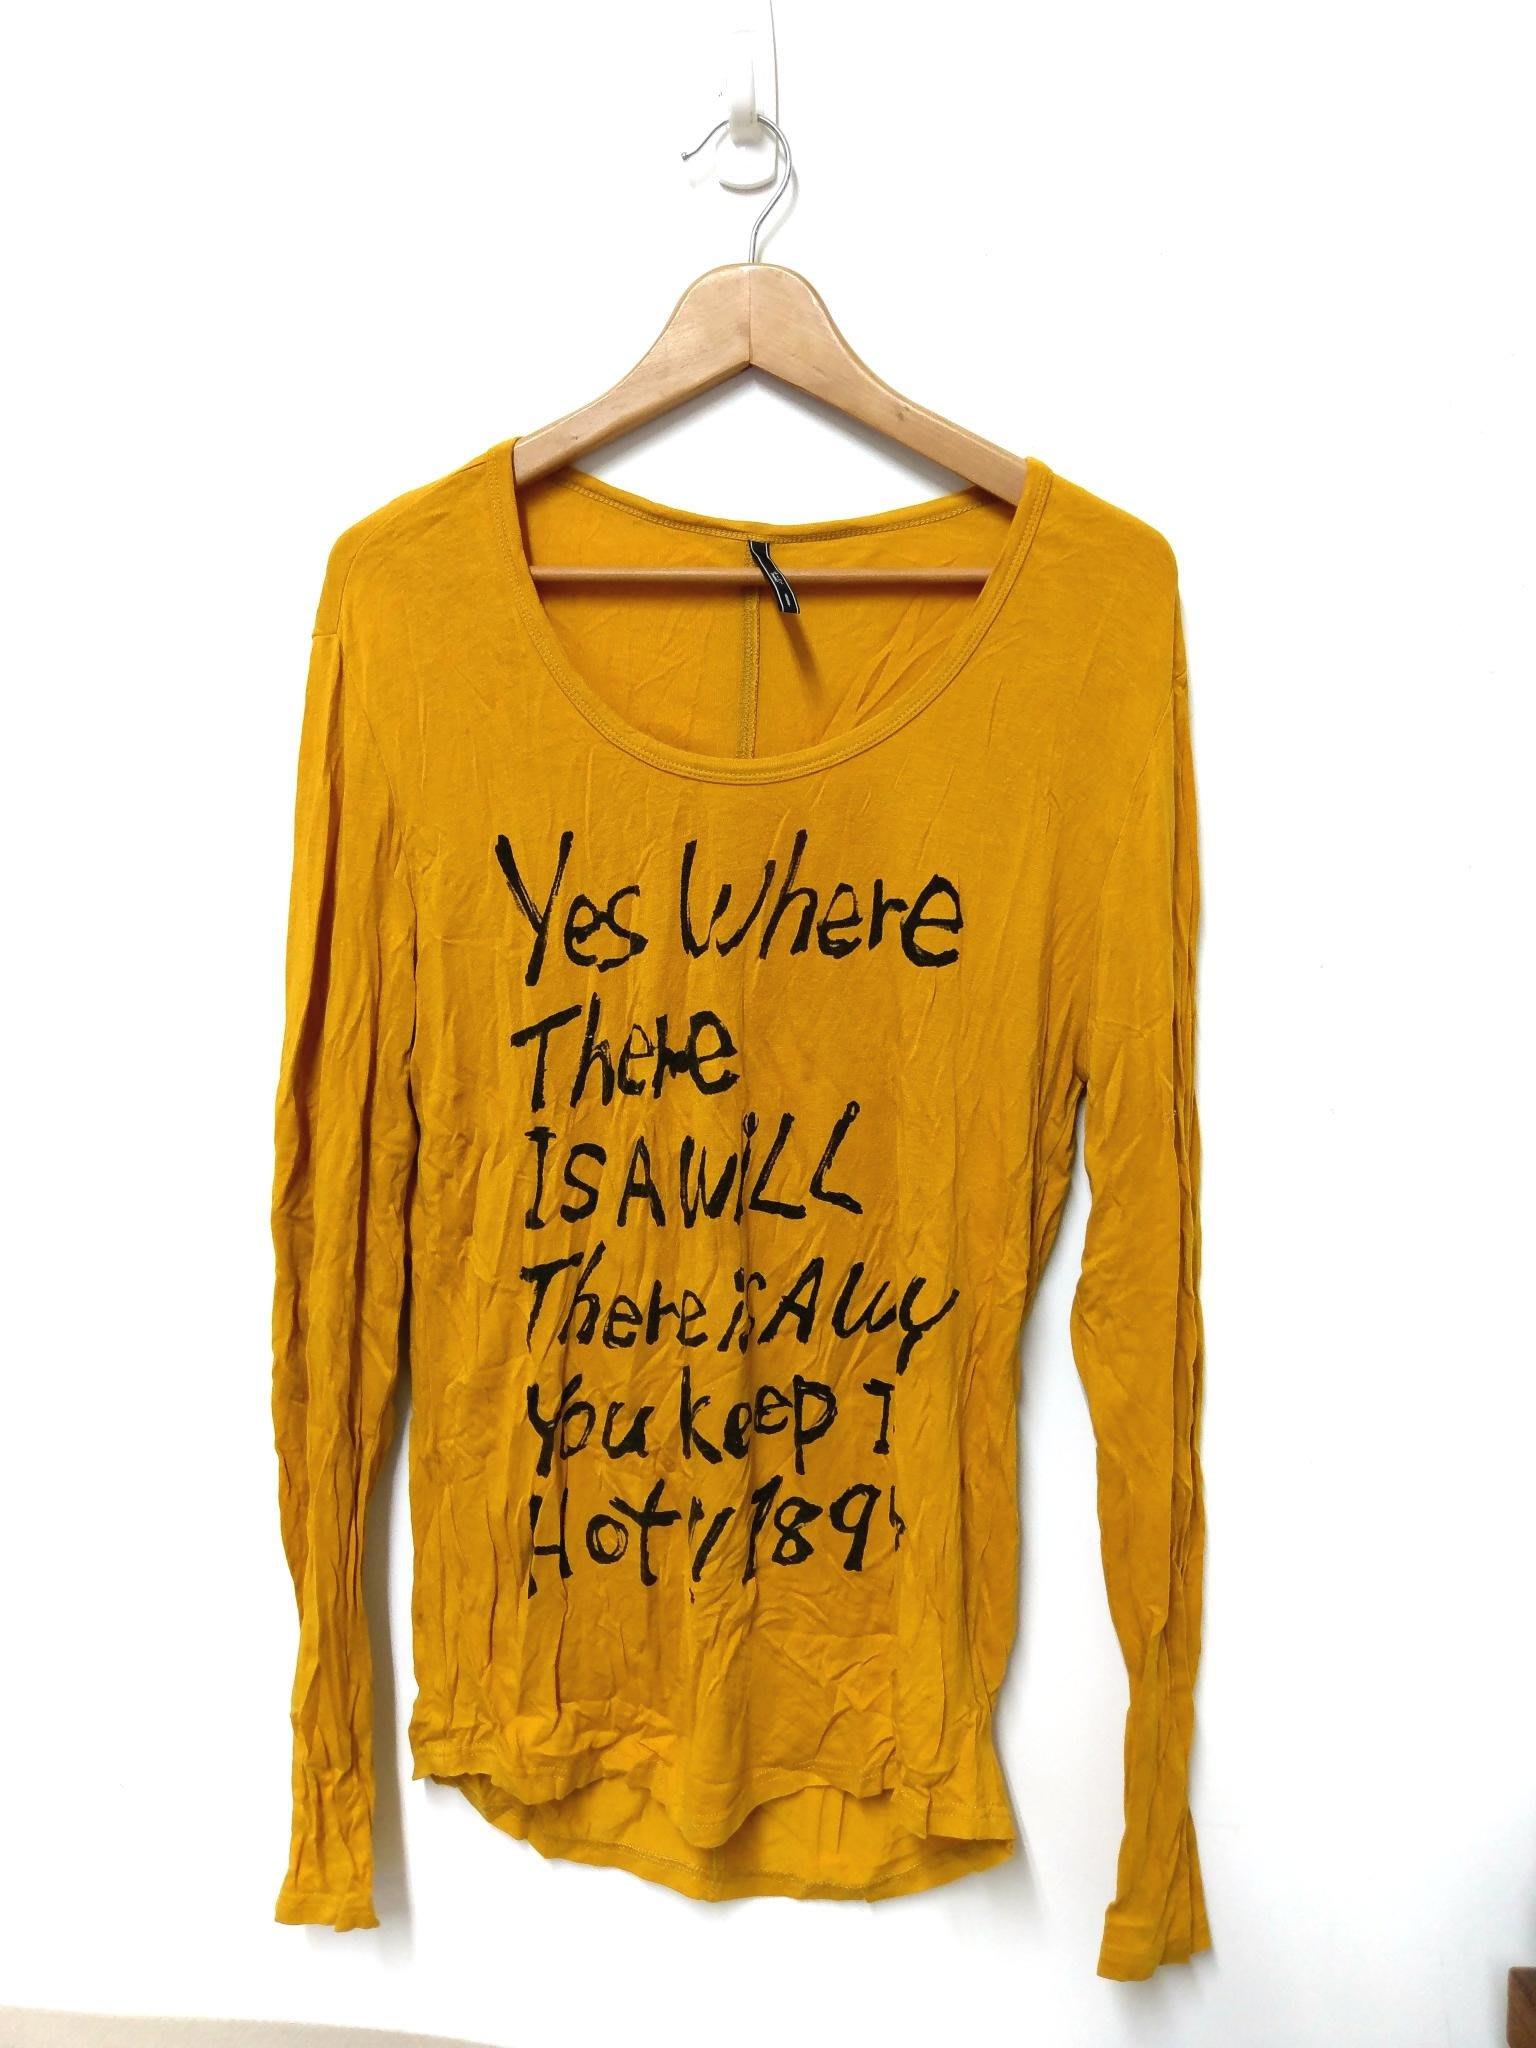 購於sogo 復興館 2% 加減乘除 homme 芥黃色舒服棉質T-shirt M 前英文書寫字樣 DD